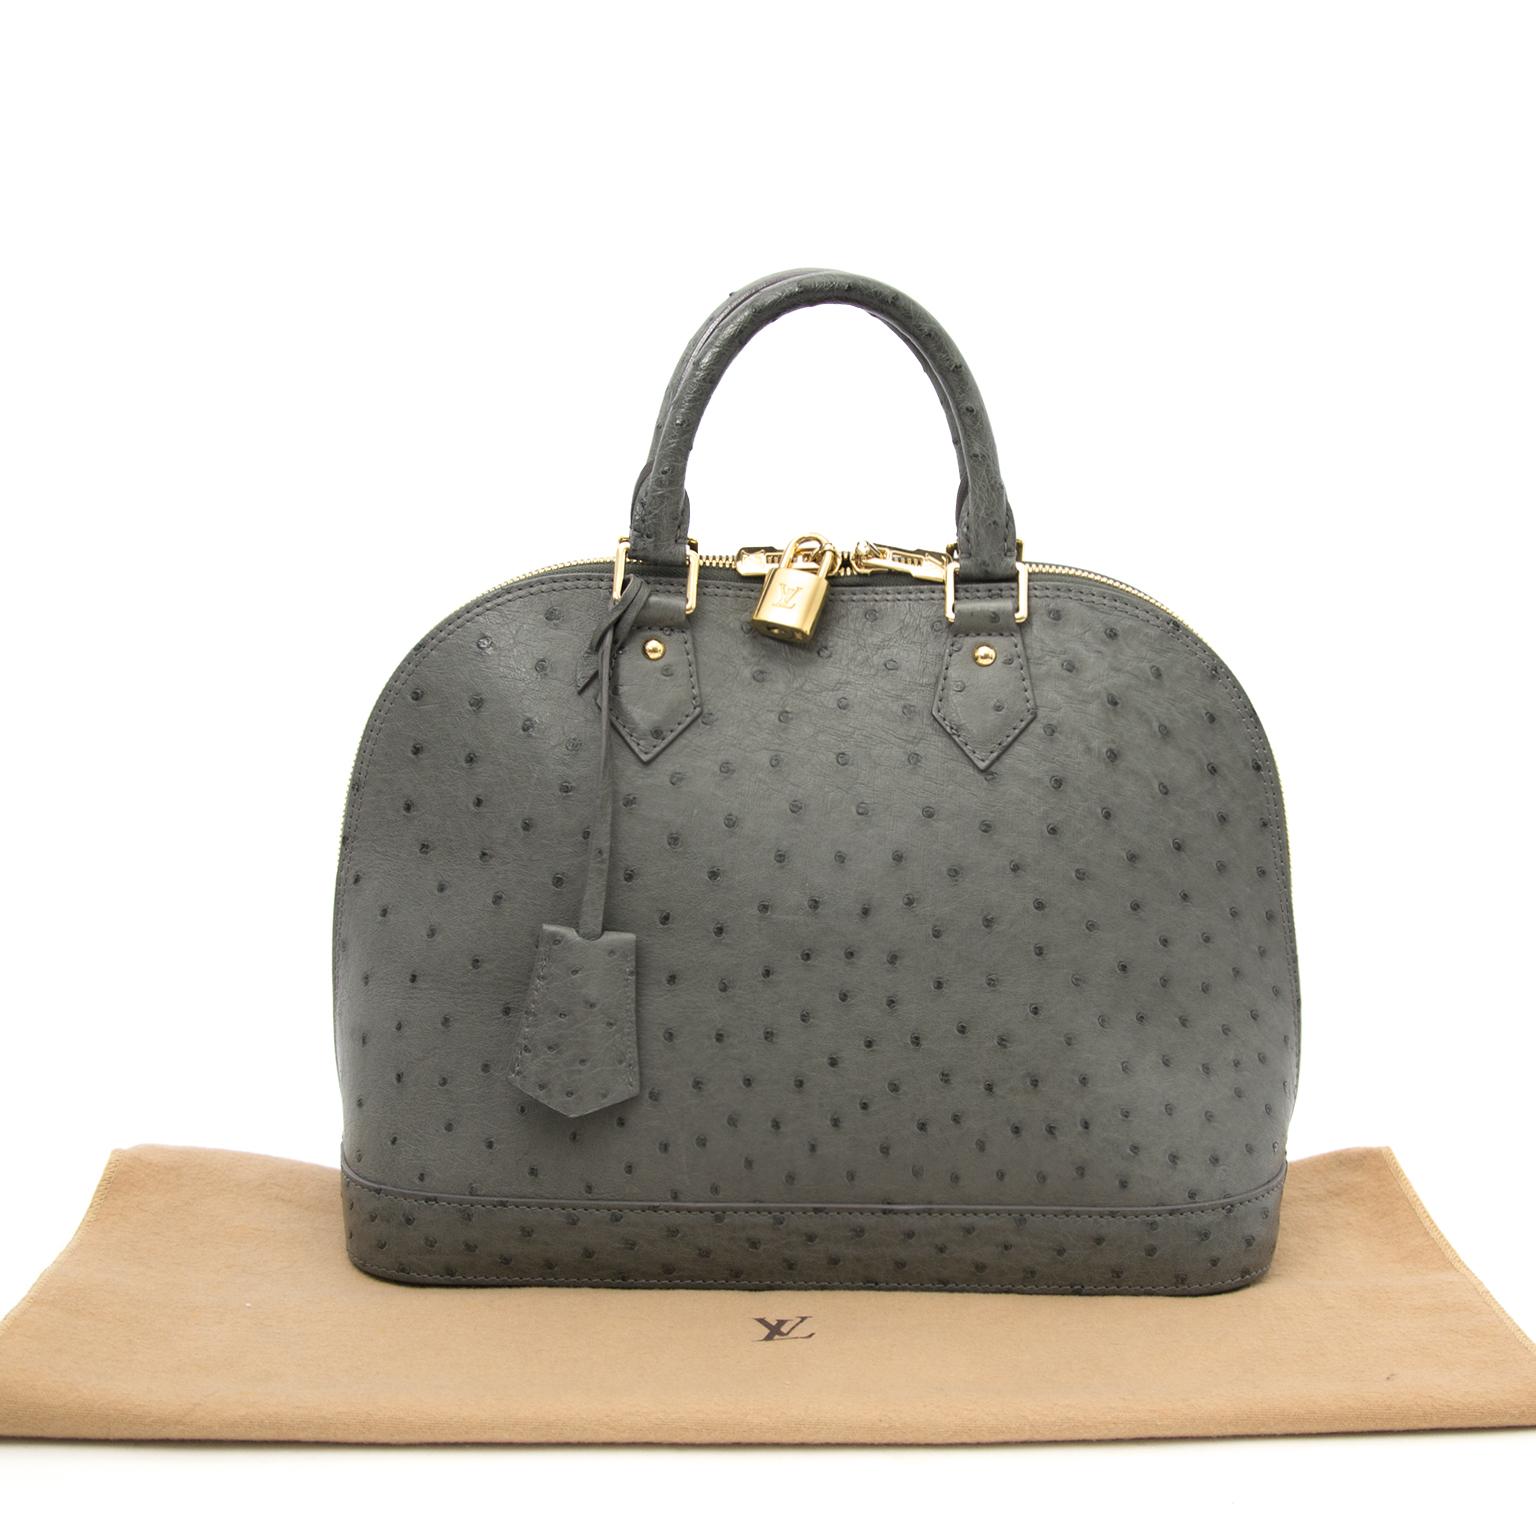 acheter en ligne pour le meilleur prix Louis Vuitton Alma PM Grey Ostrich